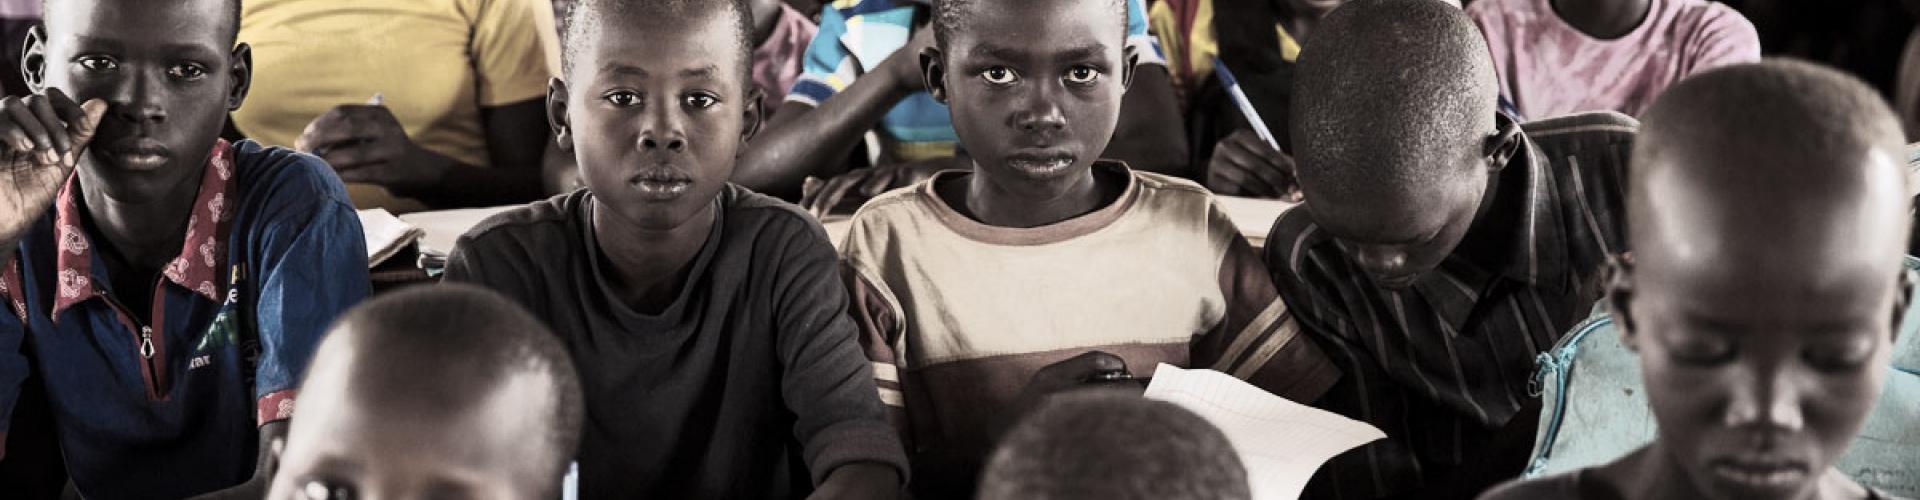 UNHCR เผยวิกฤตการณ์การศึกษาเด็กผู้ลี้ภัย